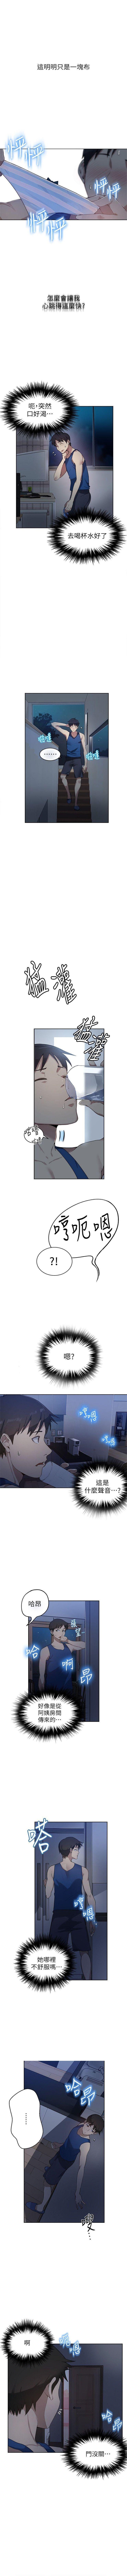 秘密教學  1-55 官方中文(連載中) 9